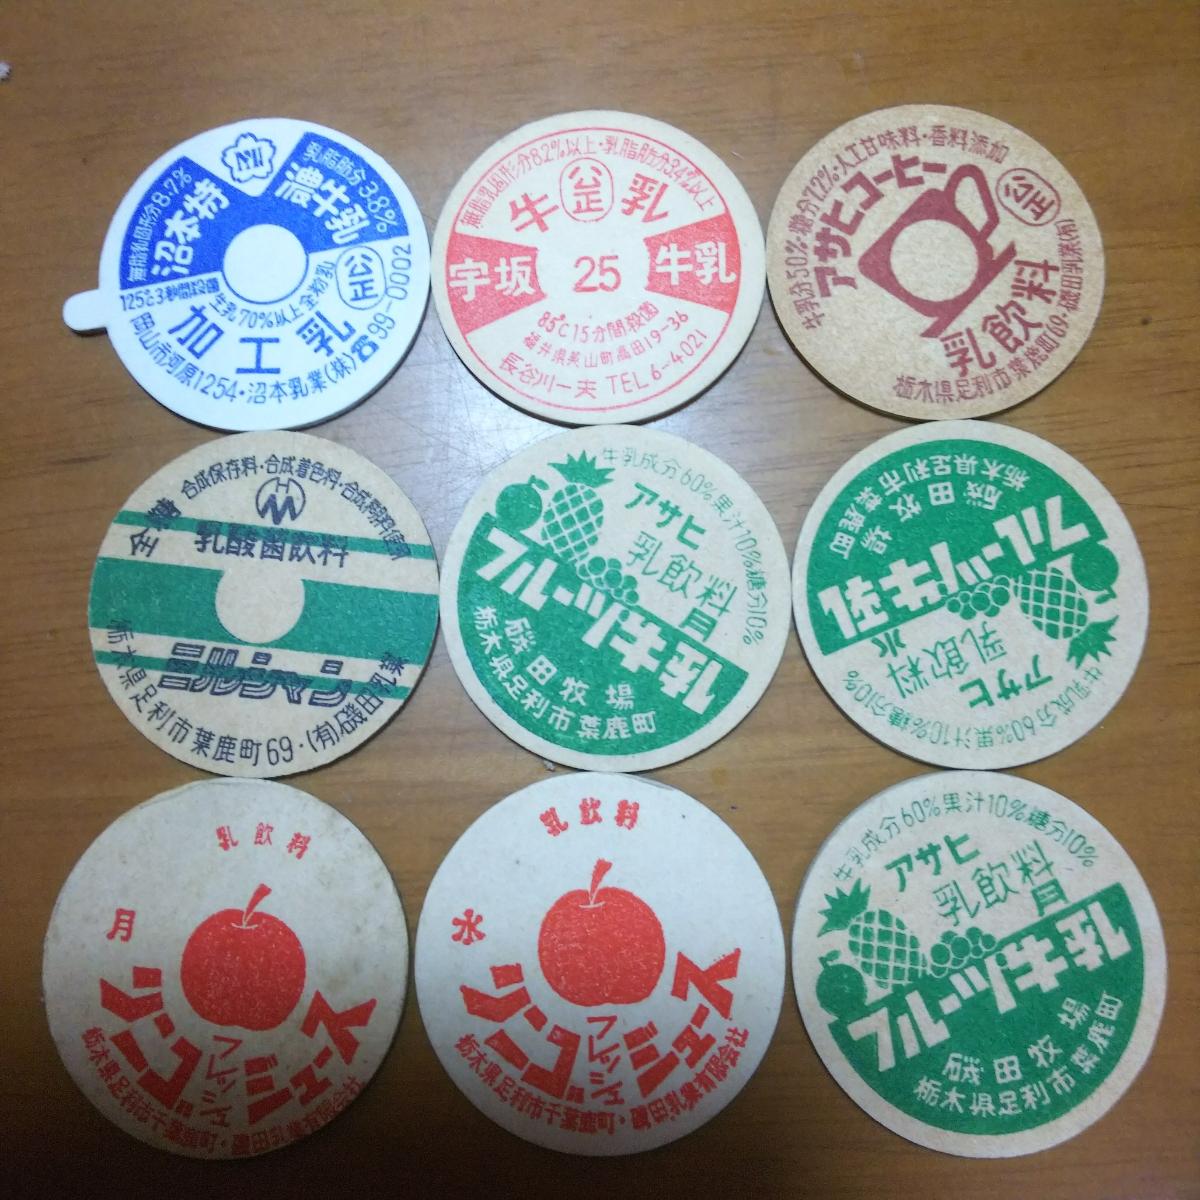 古い牛乳キャップ一括 メグミルク 日本ミルクコミュニティ名古屋工場 犬飼クラフトコーヒー 井原無調整牛乳 中元無調整牛乳 _画像5